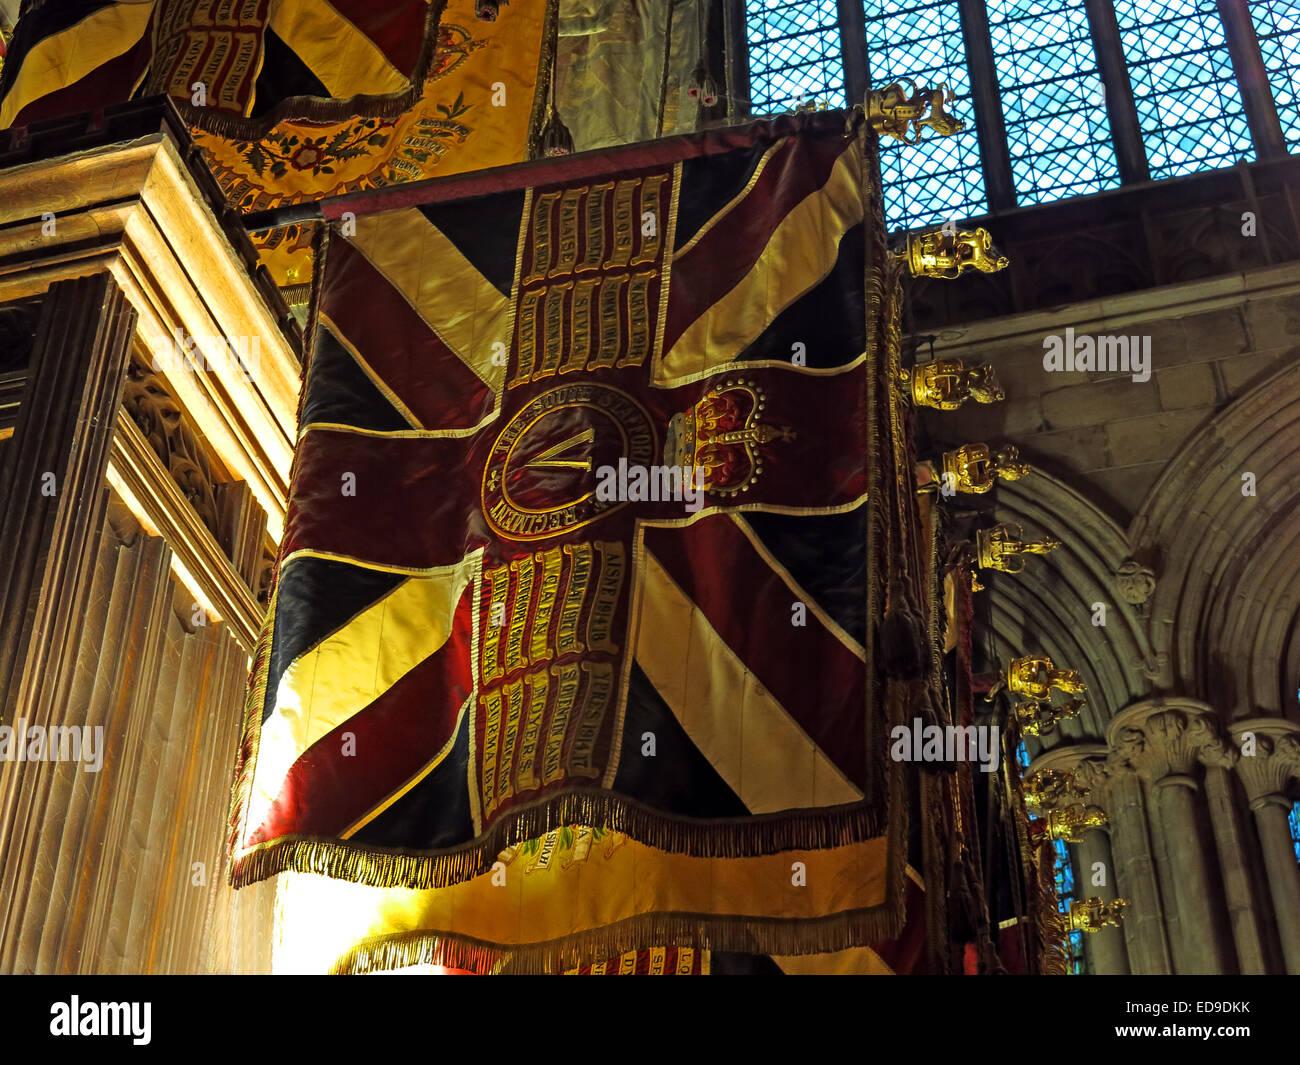 Laden Sie dieses Alamy Stockfoto Kathedrale von Lichfield Innenraum Staffordshire bei Dämmerung, England, UK - ED9DKK